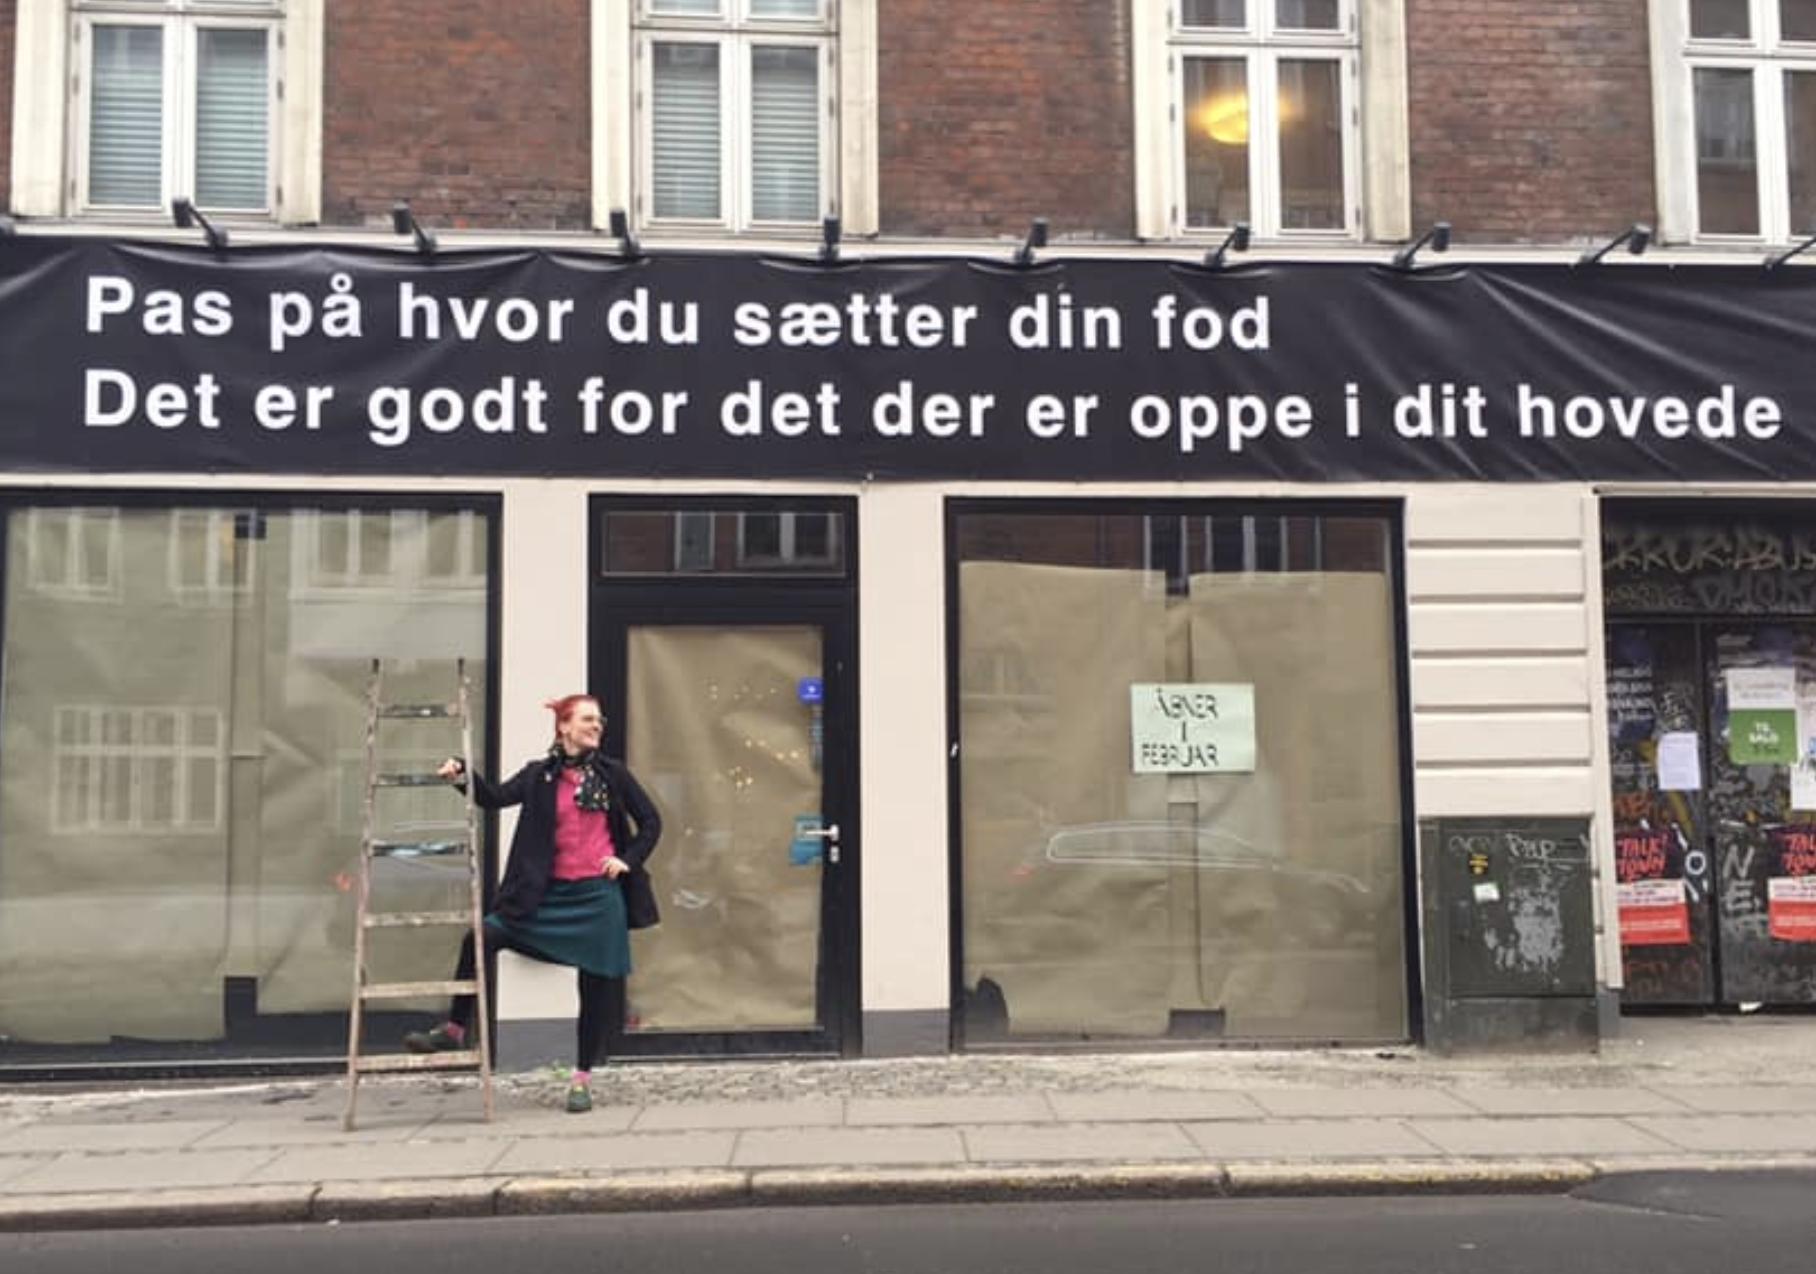 Nyt spillested genåbner på legendarisk adresse i Aarhus